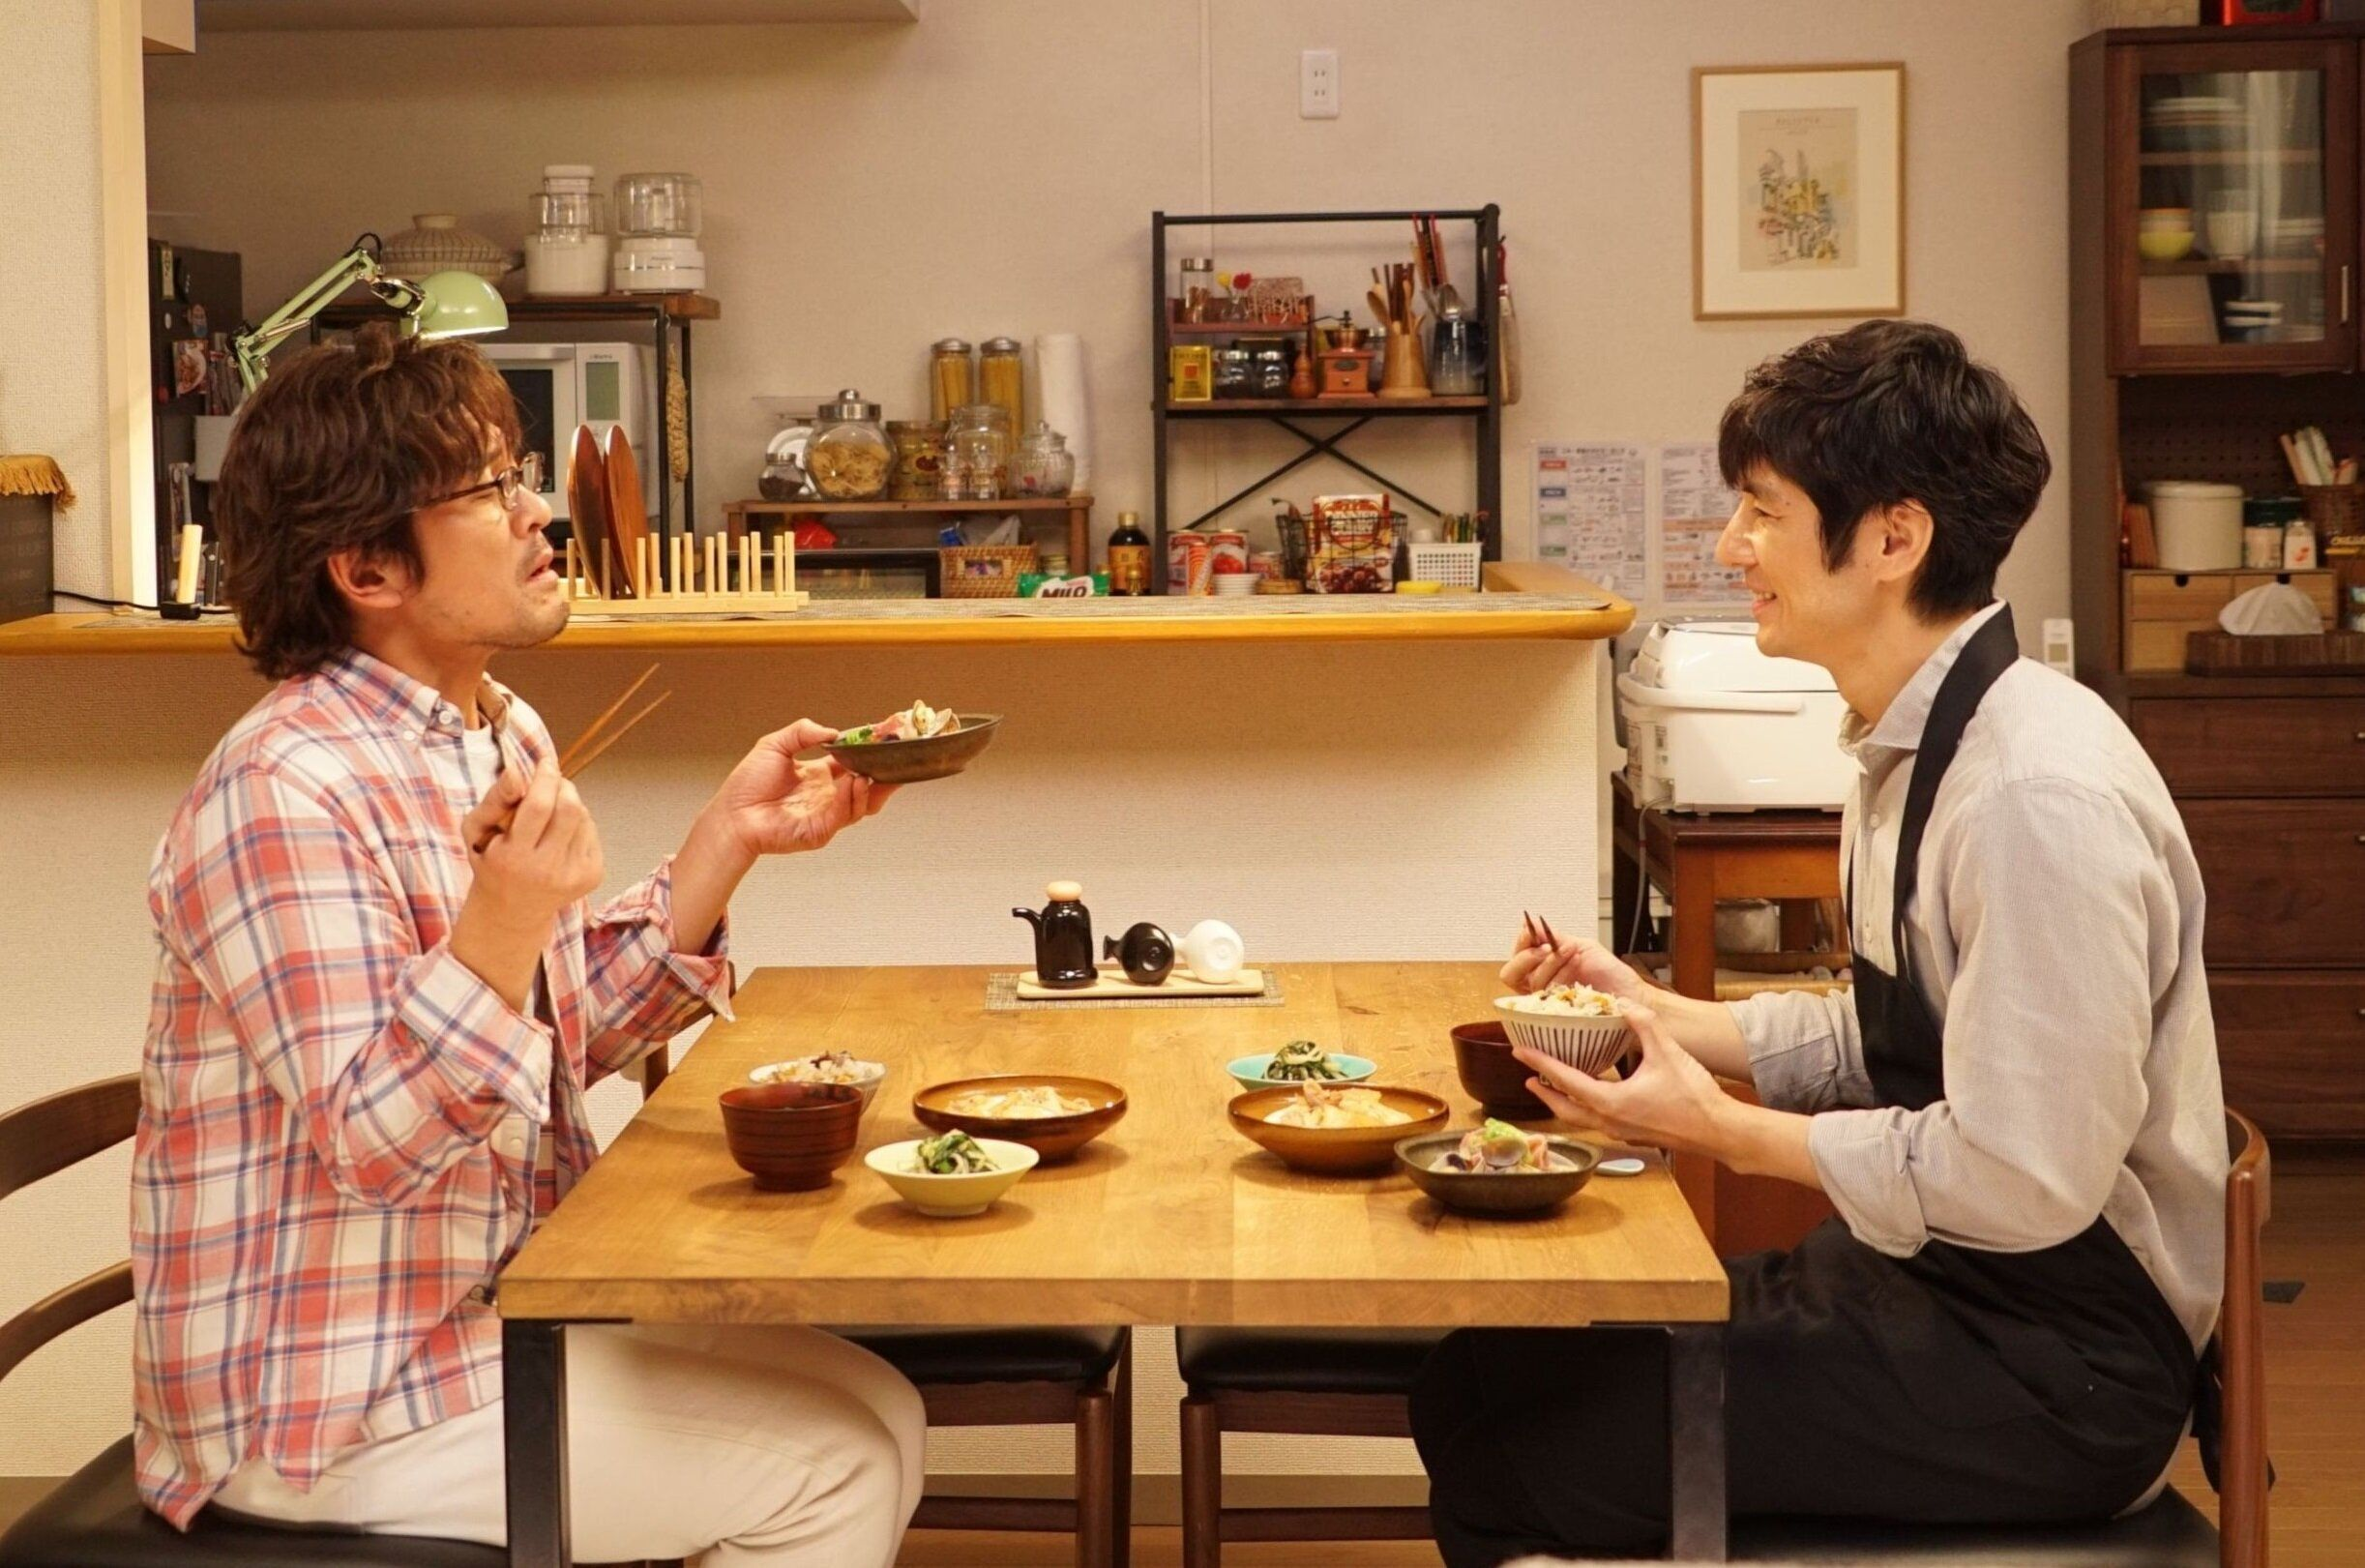 きのう何食べた正月スペシャルはどんな内容 1月1日に放送 live action did you eat latest anime